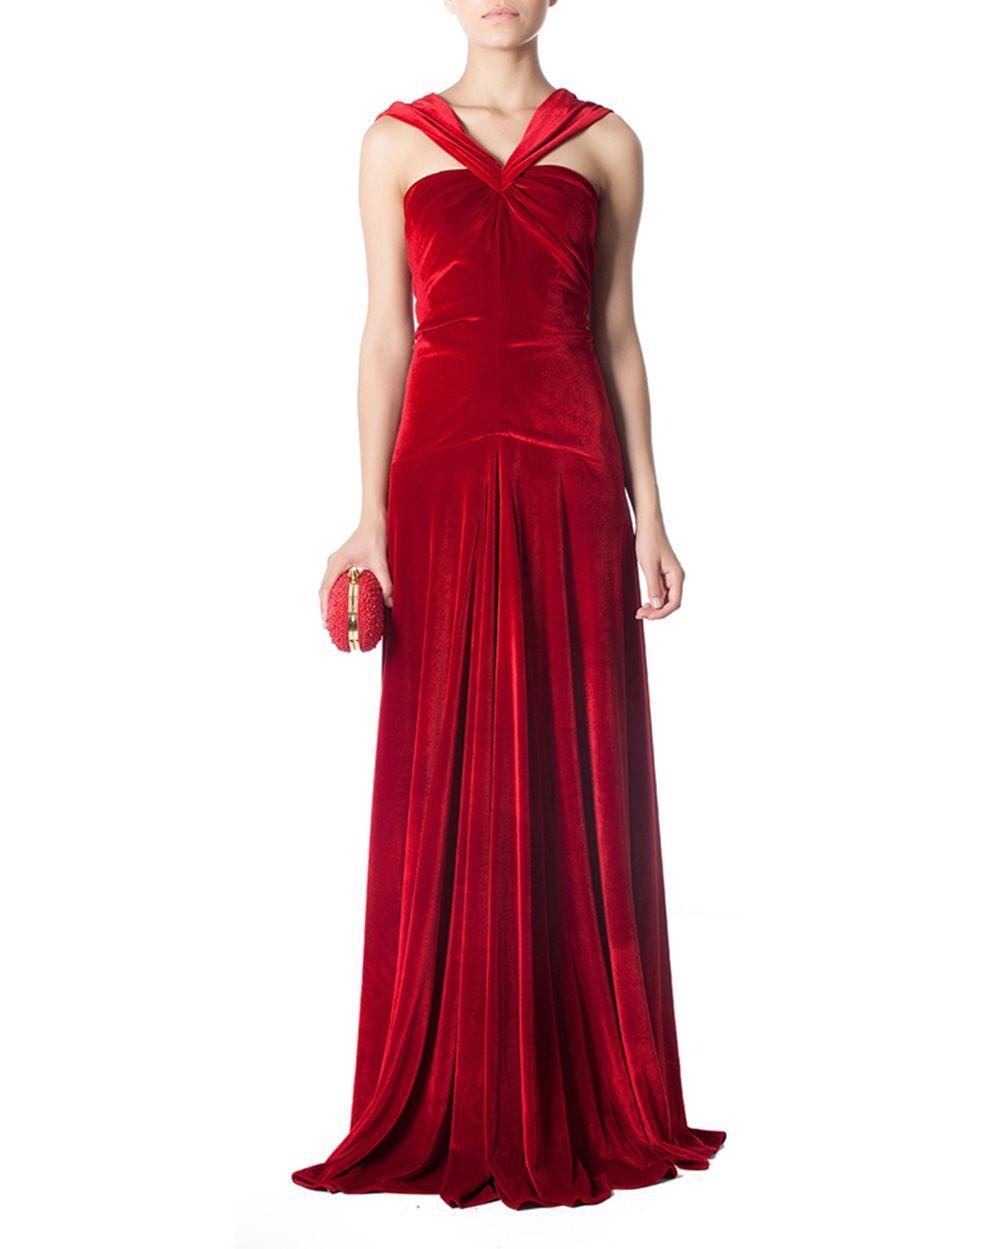 $499 Vestido longo de veludo duas alças com costas franzida - Vestidoteca